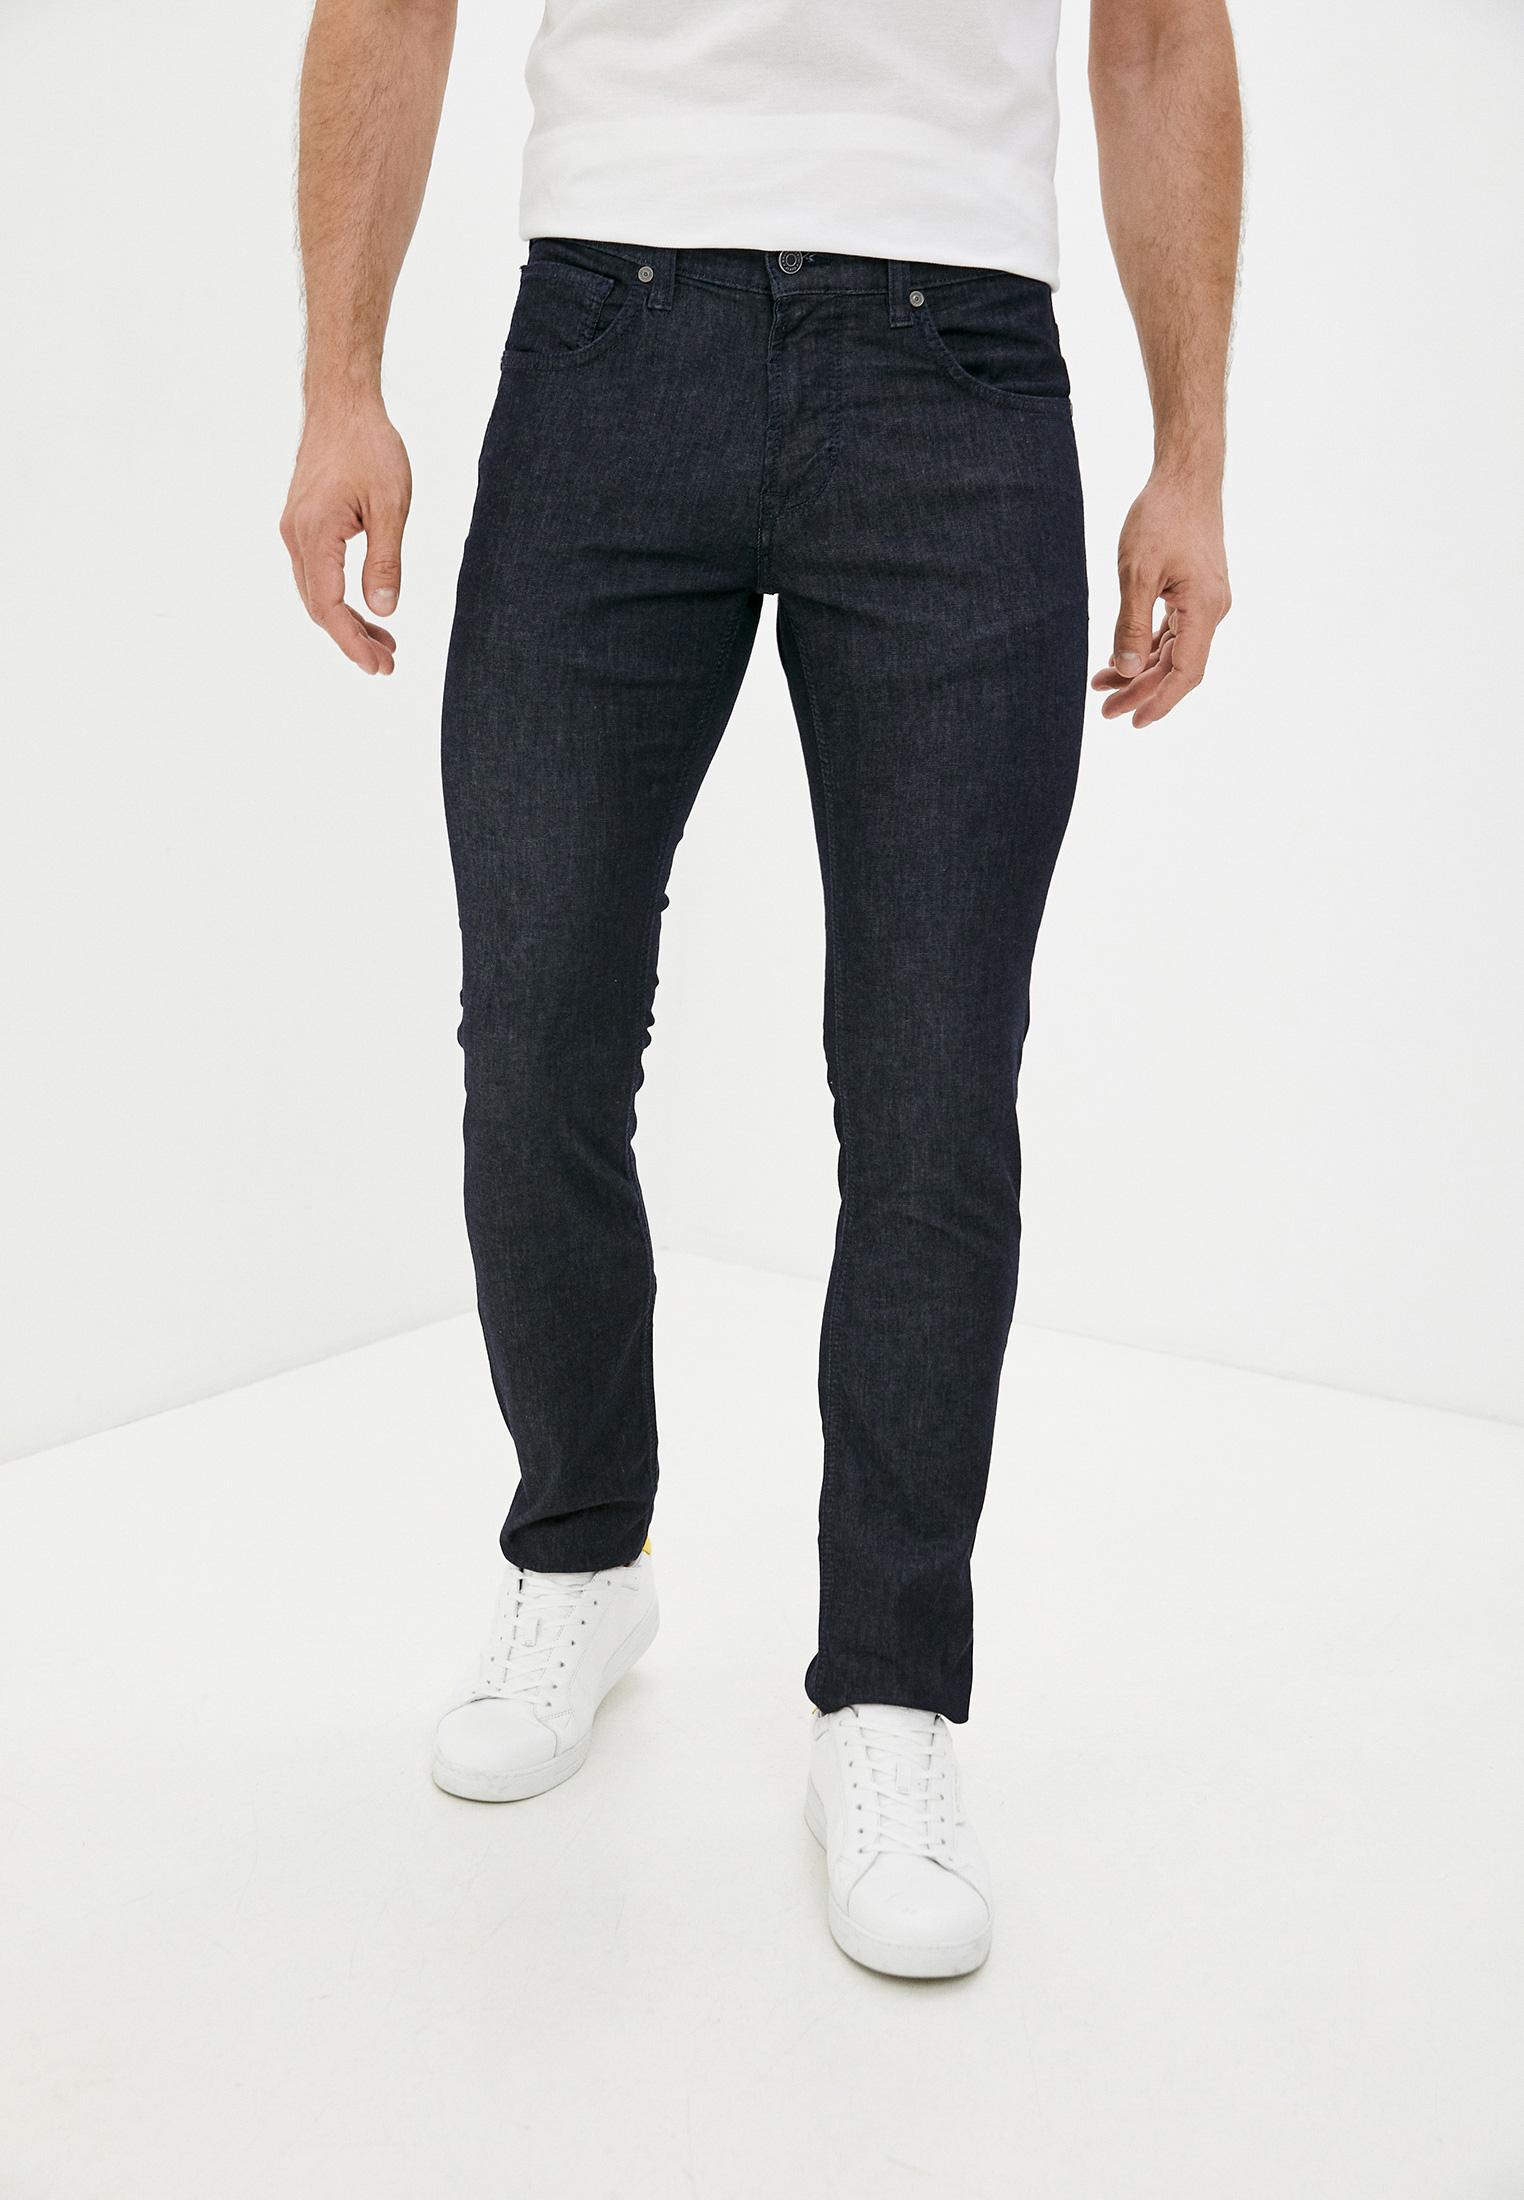 Зауженные джинсы BALDESSARINI (Балдессарини) 16511.1439: изображение 1